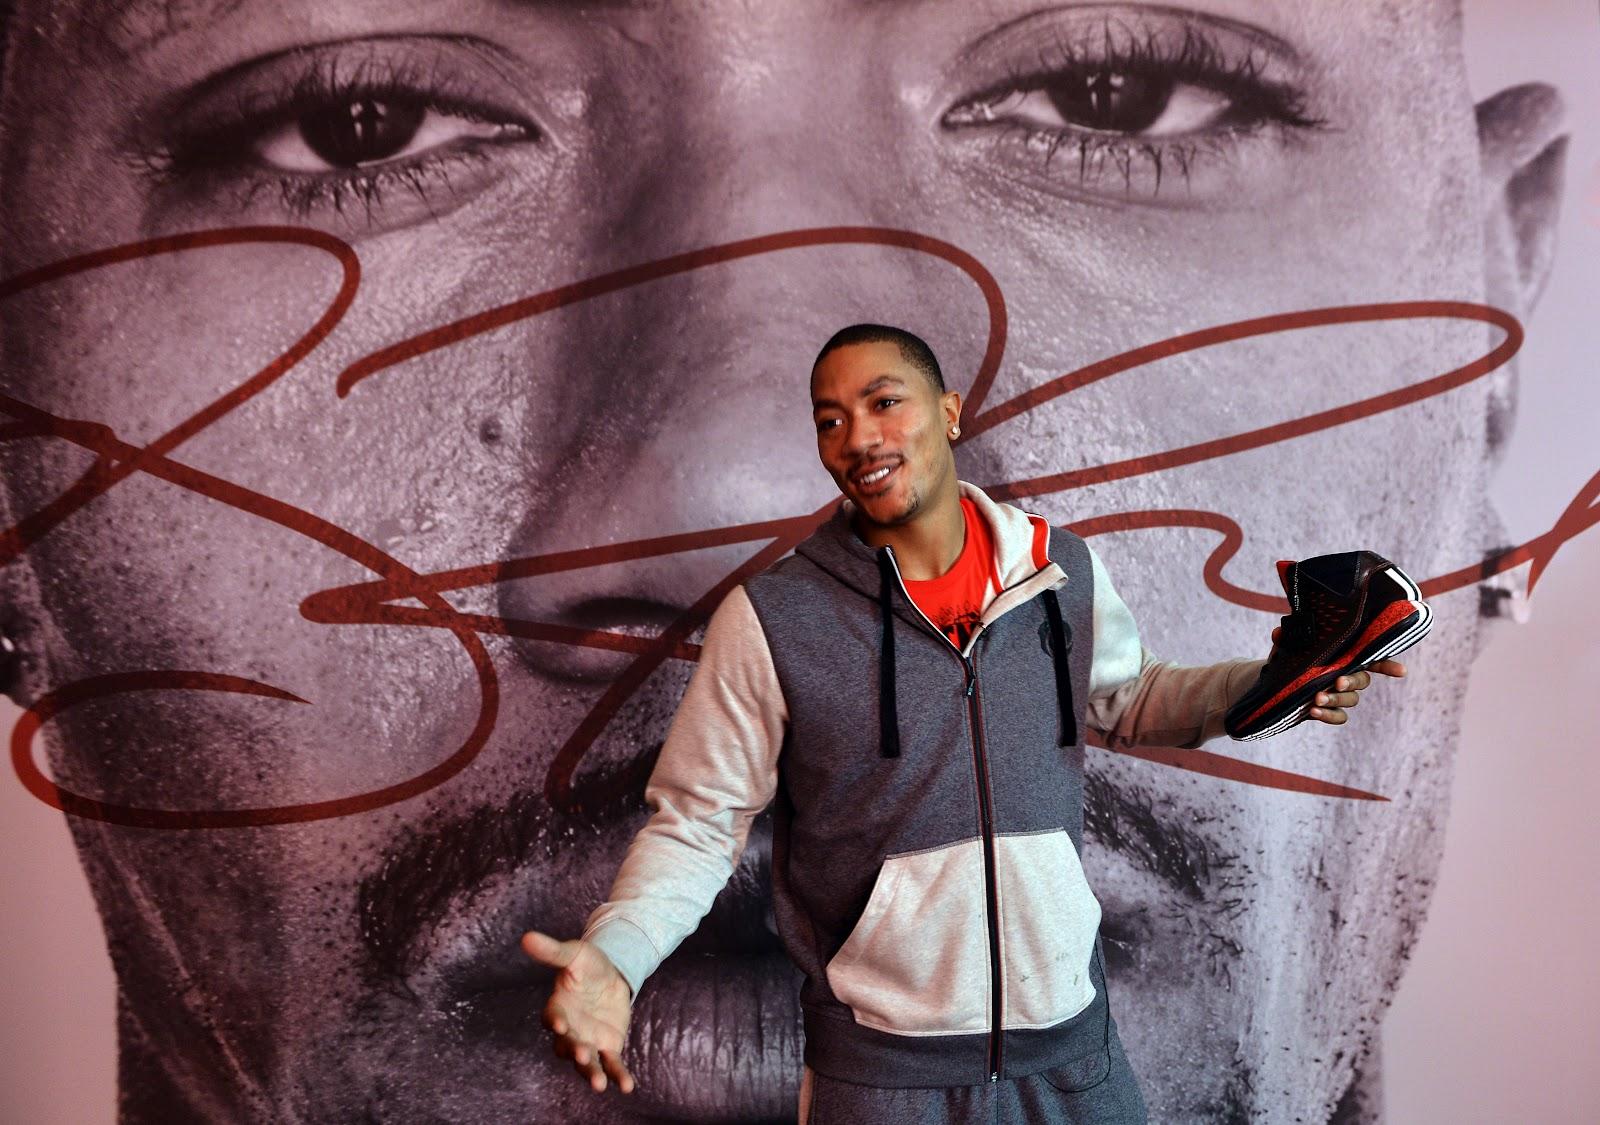 on sale 7af89 99fb4 adidas & Derrick Rose Launch